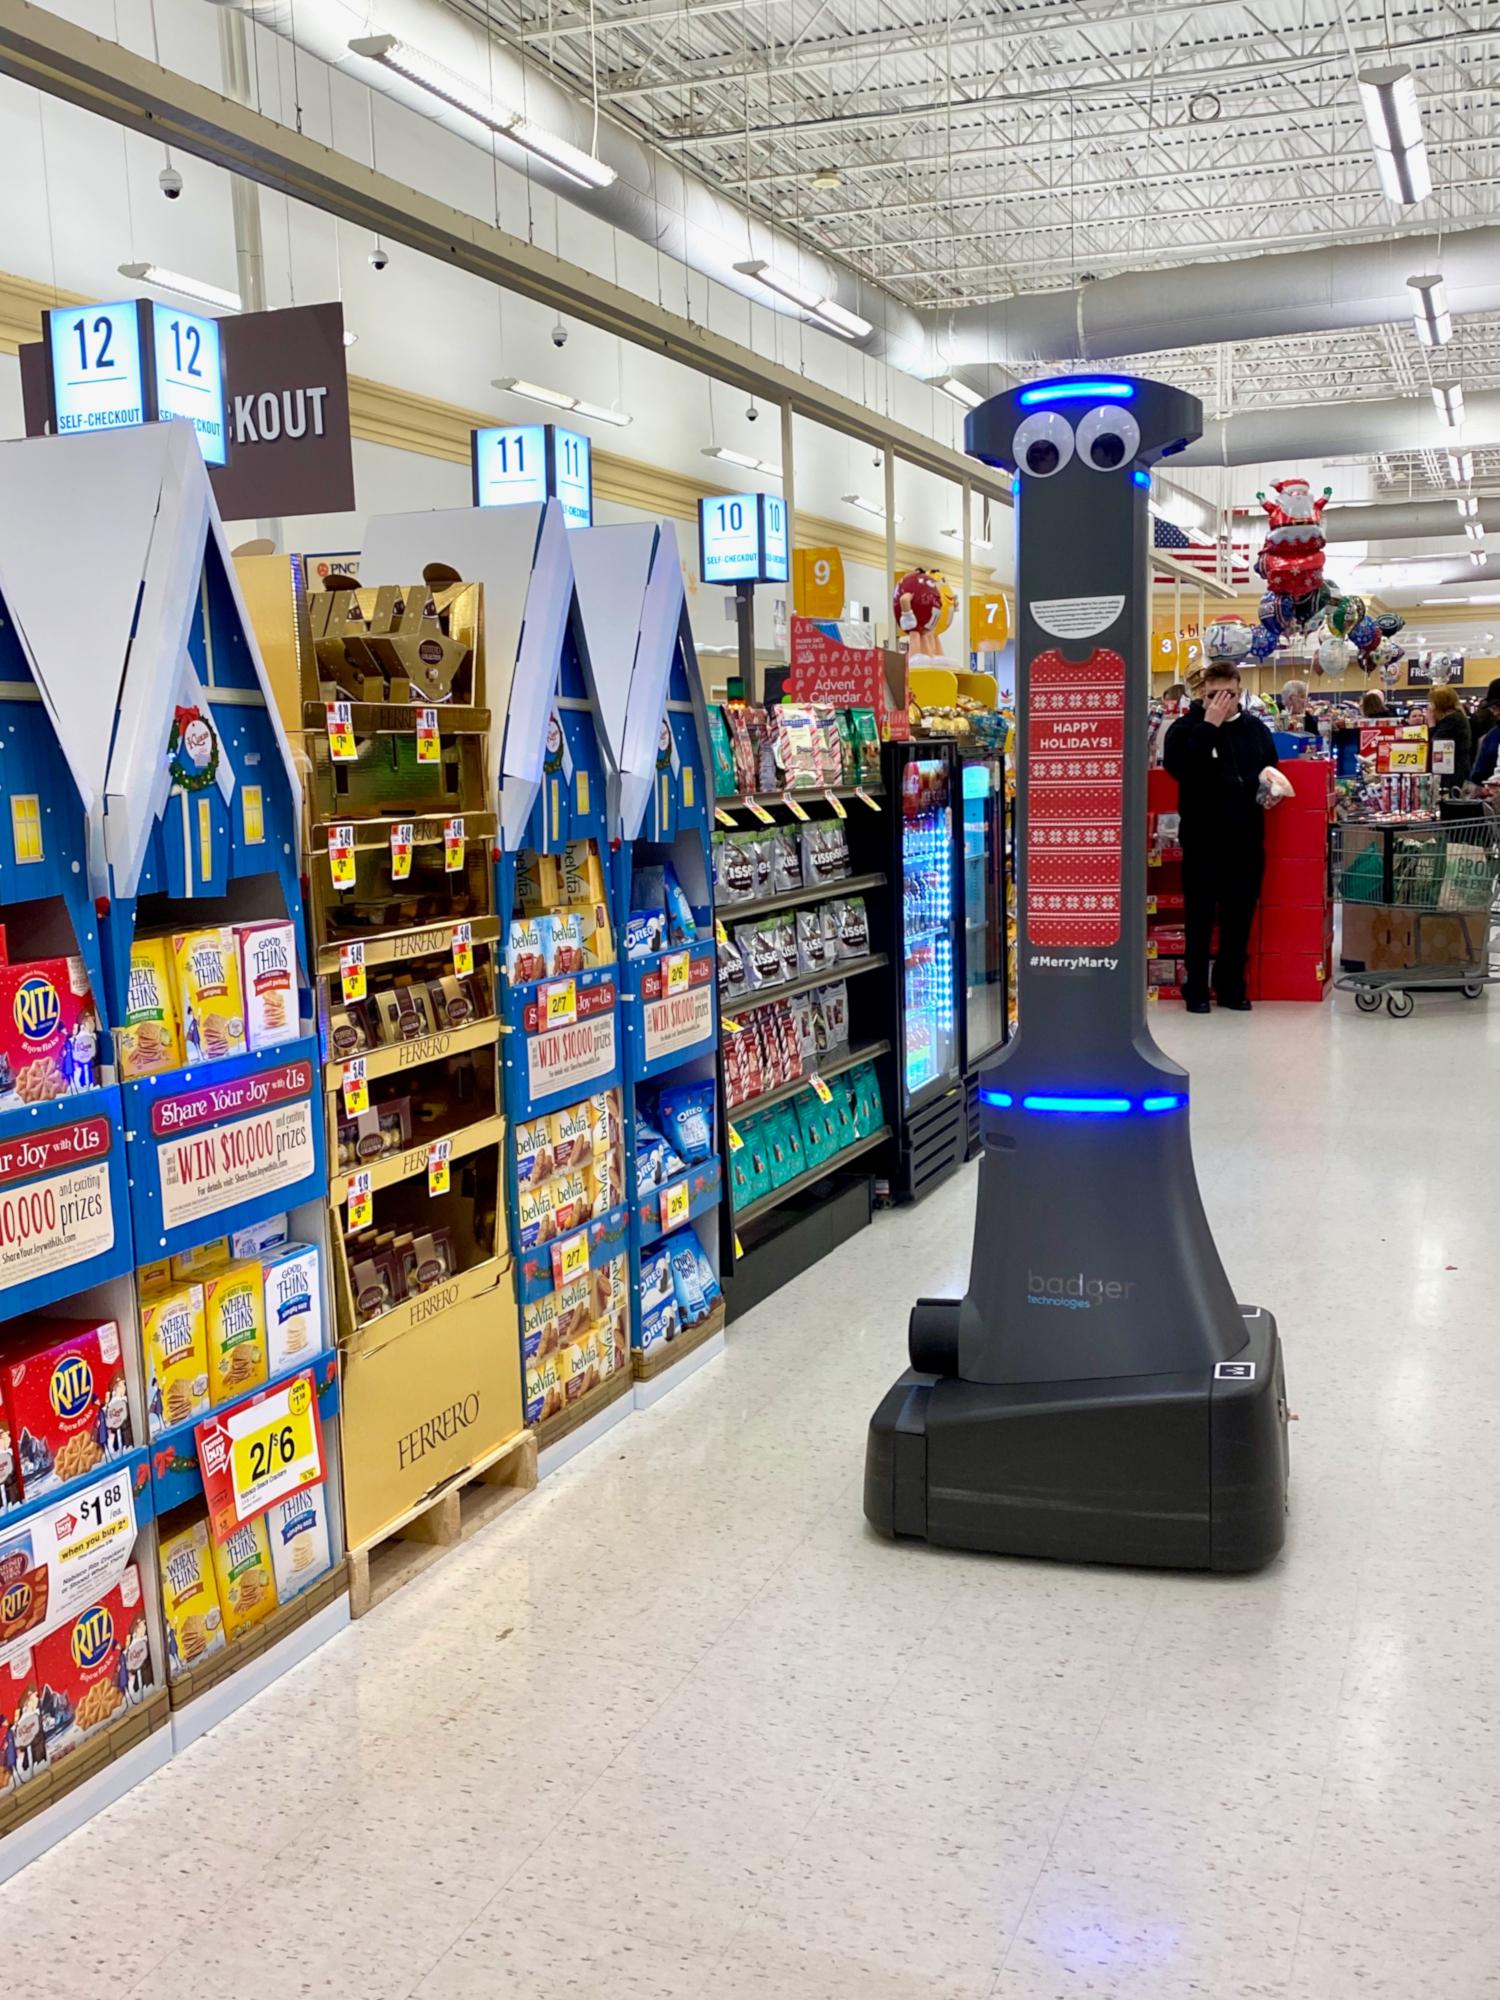 Robot de sécurité chez Stop & Shop (crédits: Scott Beale / Flickr Creative Commons Attribution - Pas d'Utilisation Commerciale - Pas de Modification 2.0 Générique (CC BY-NC-ND 2.0))